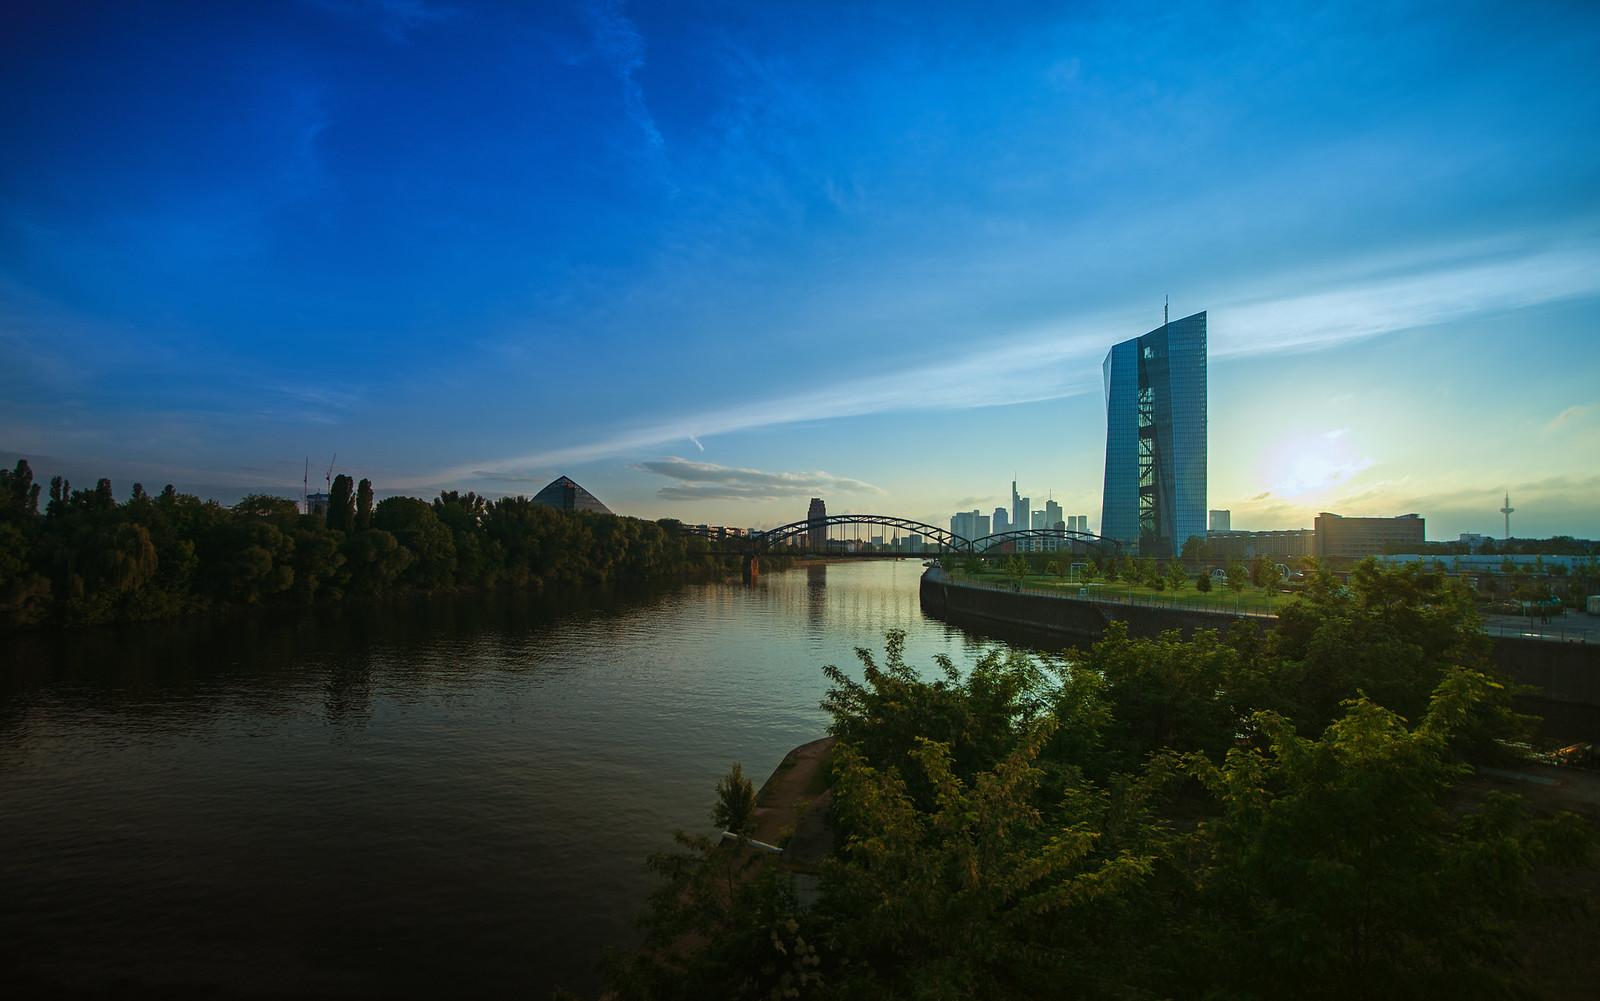 Sammelthema architektur in frankfurt am seite 132 dslr for Frankfurt architektur